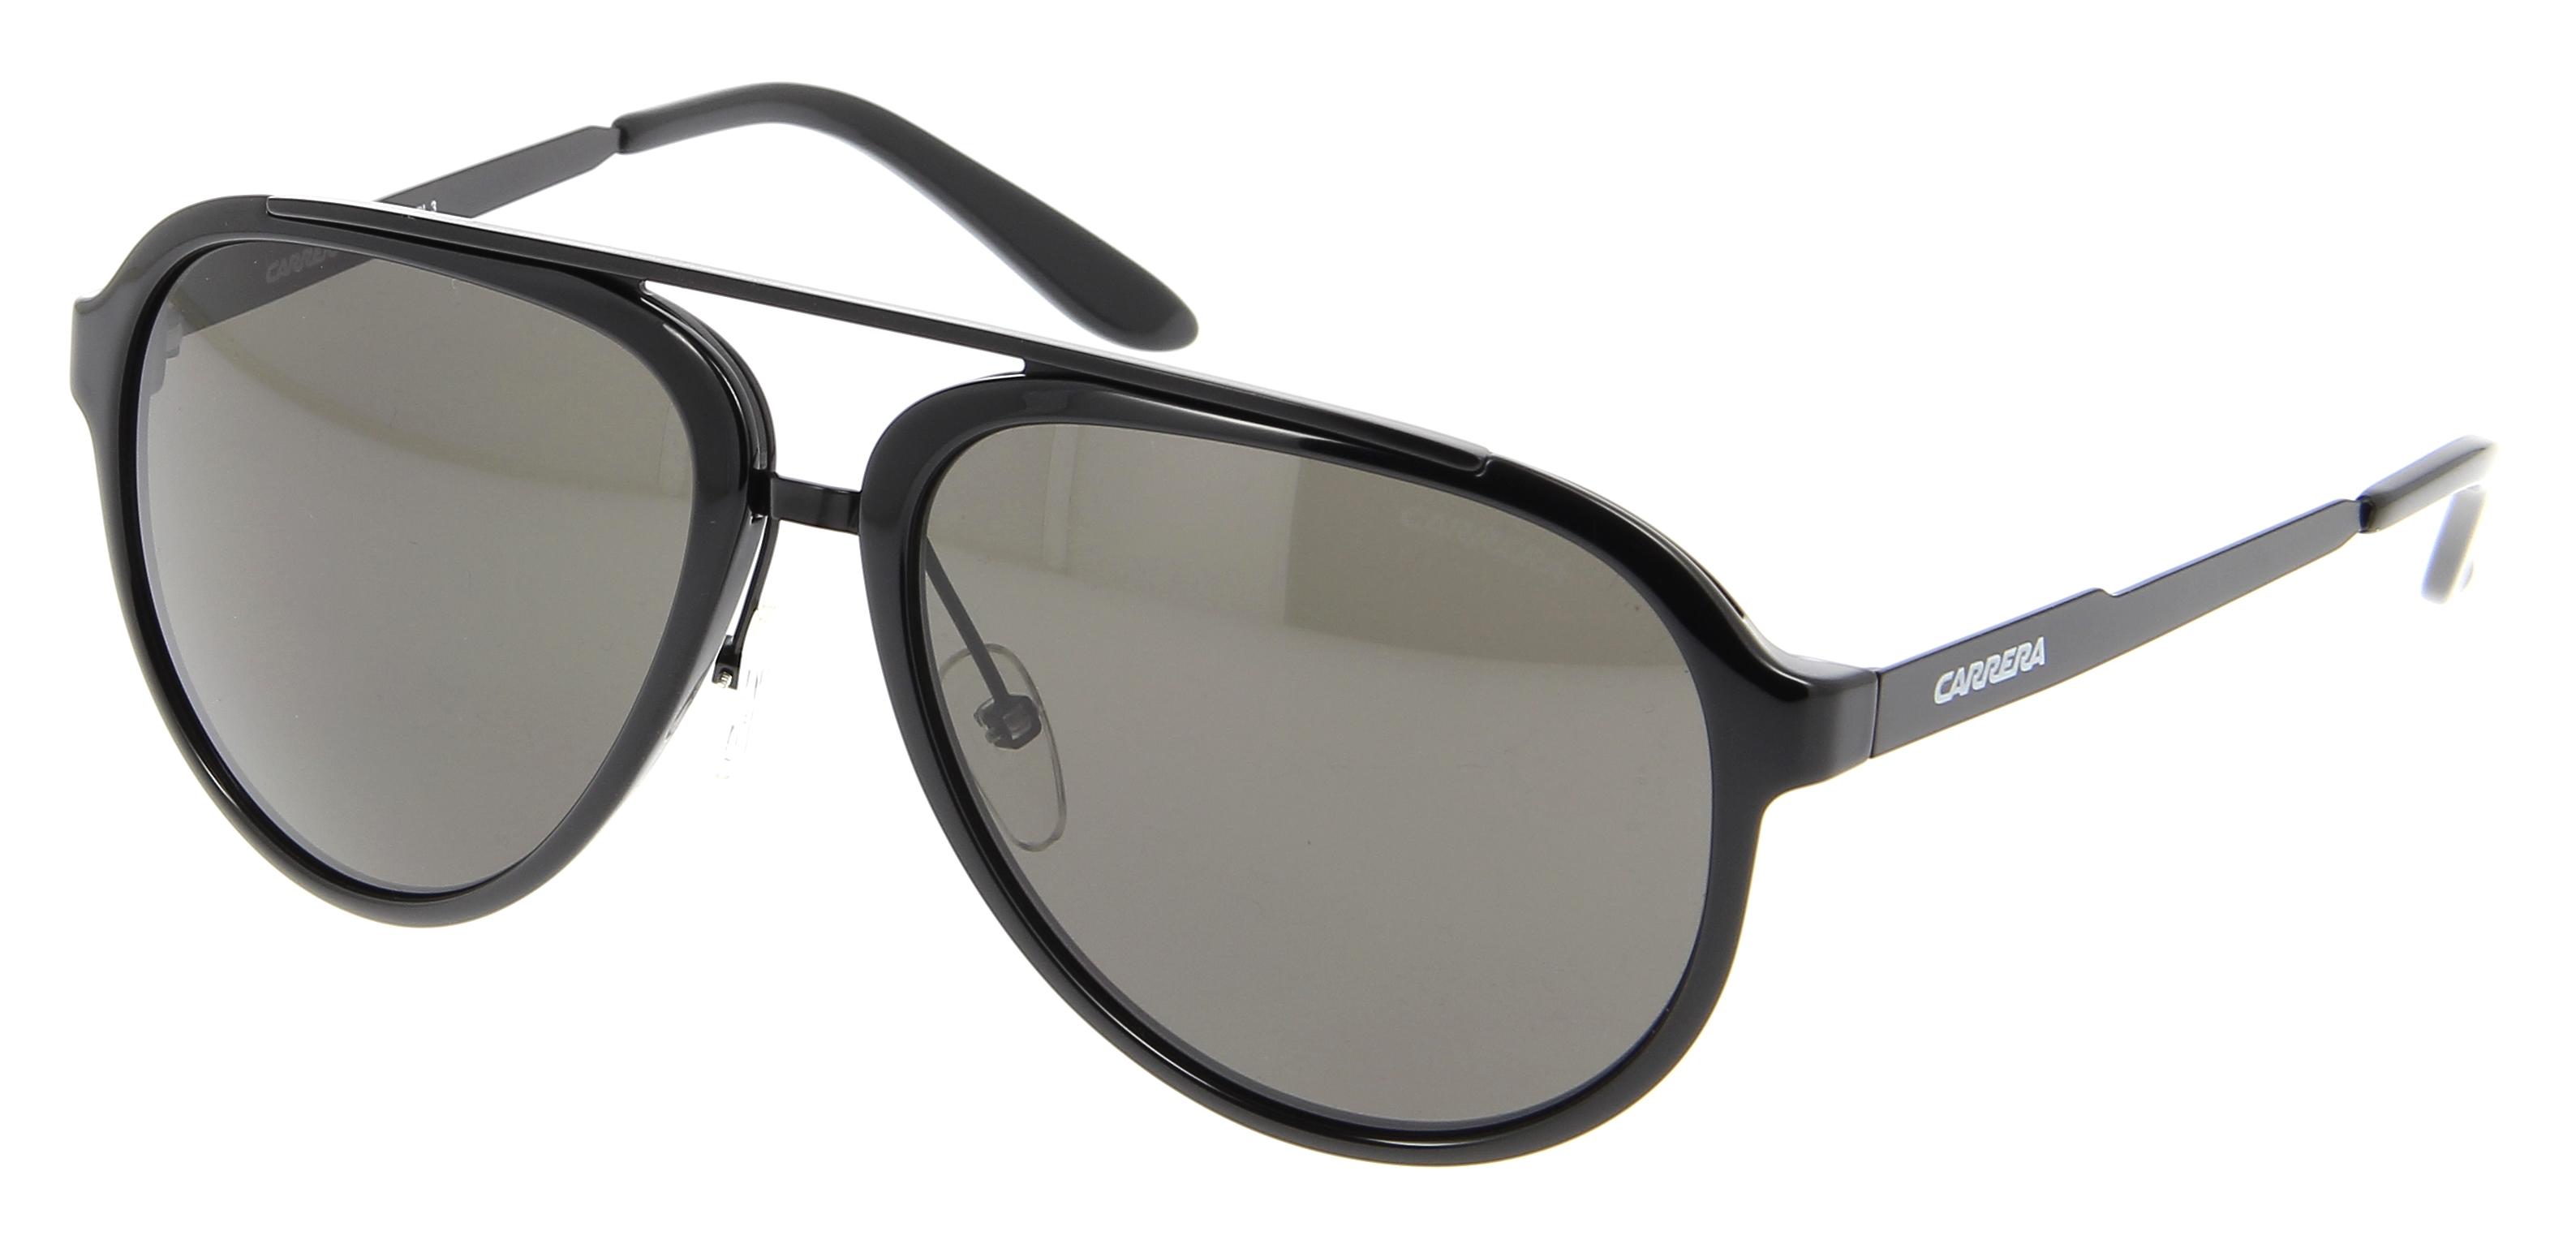 lunettes de soleil CARRERA S GVB(NR)